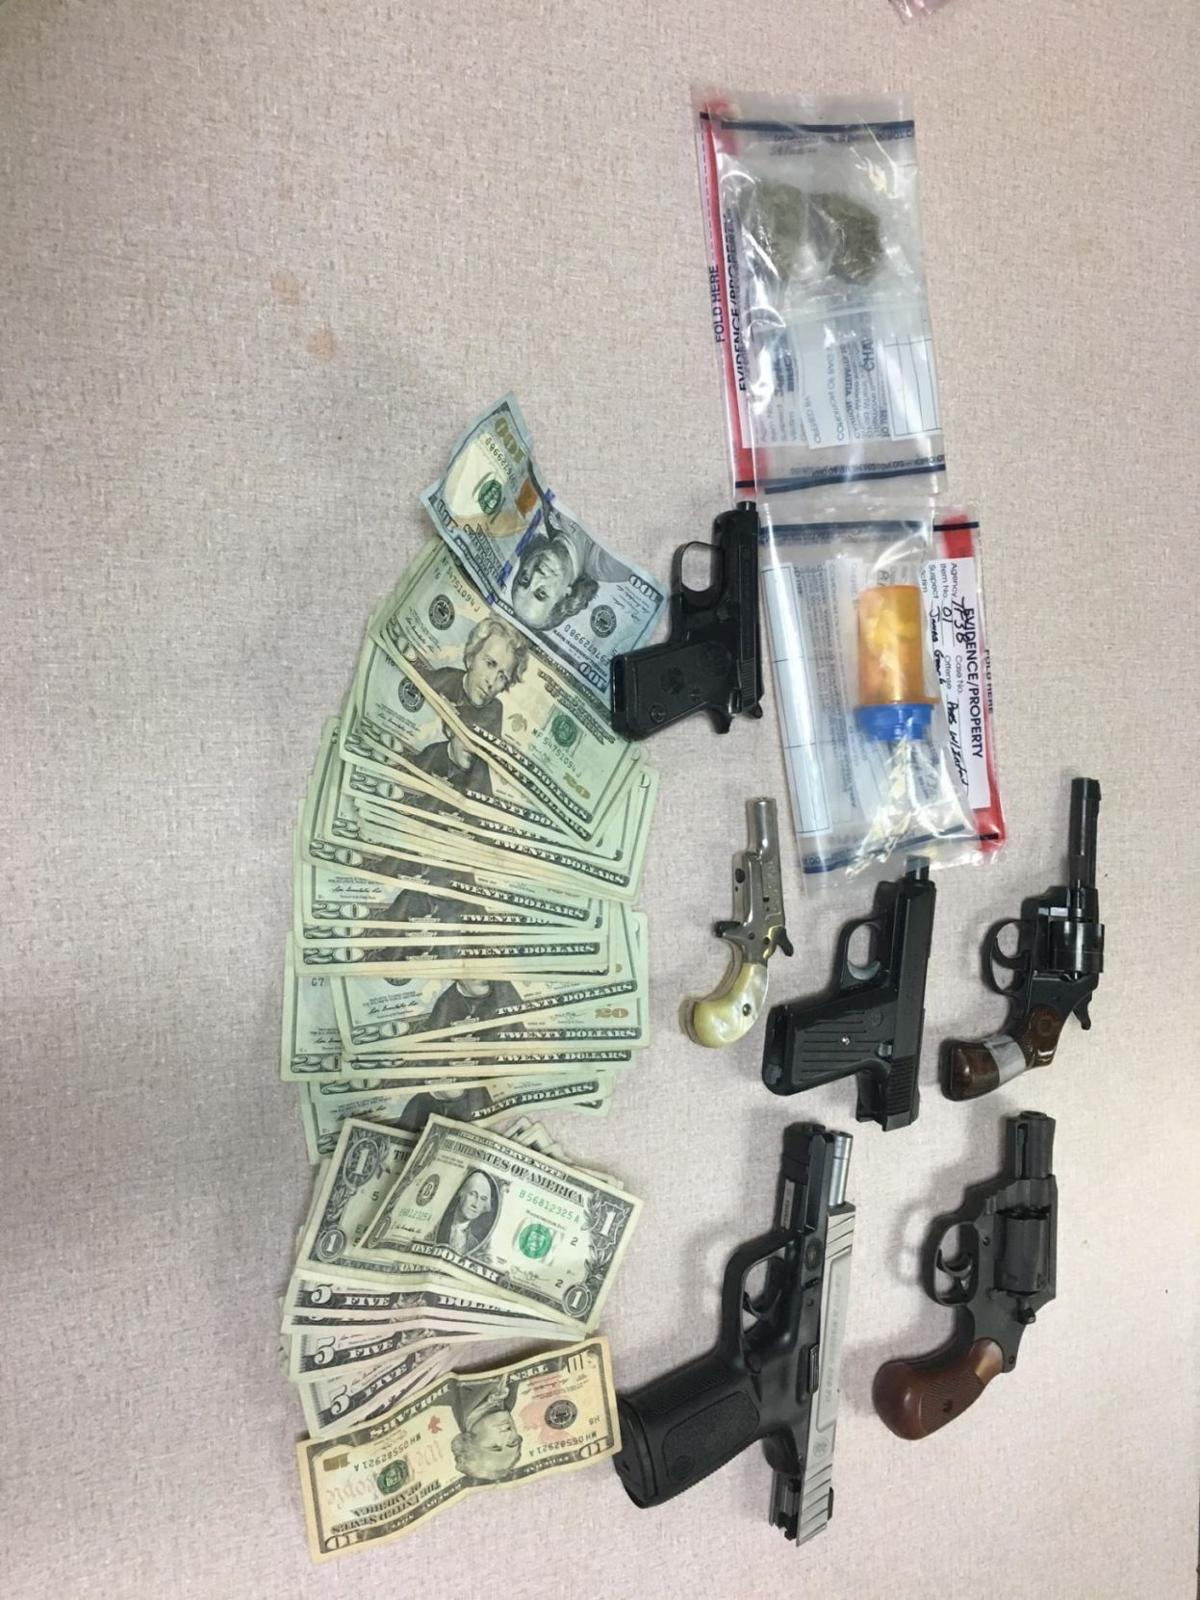 drugs, cash guns seized in raid.jpeg